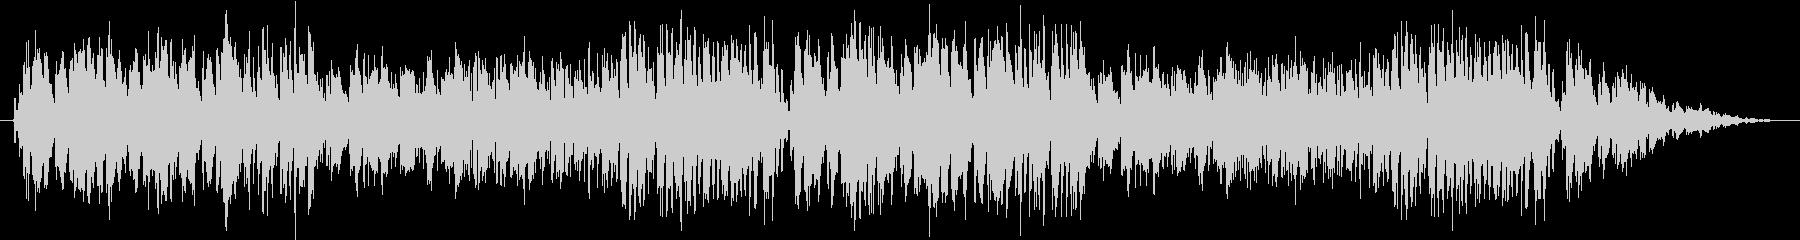 魔女の使い魔(奇妙)【クラシック】の未再生の波形